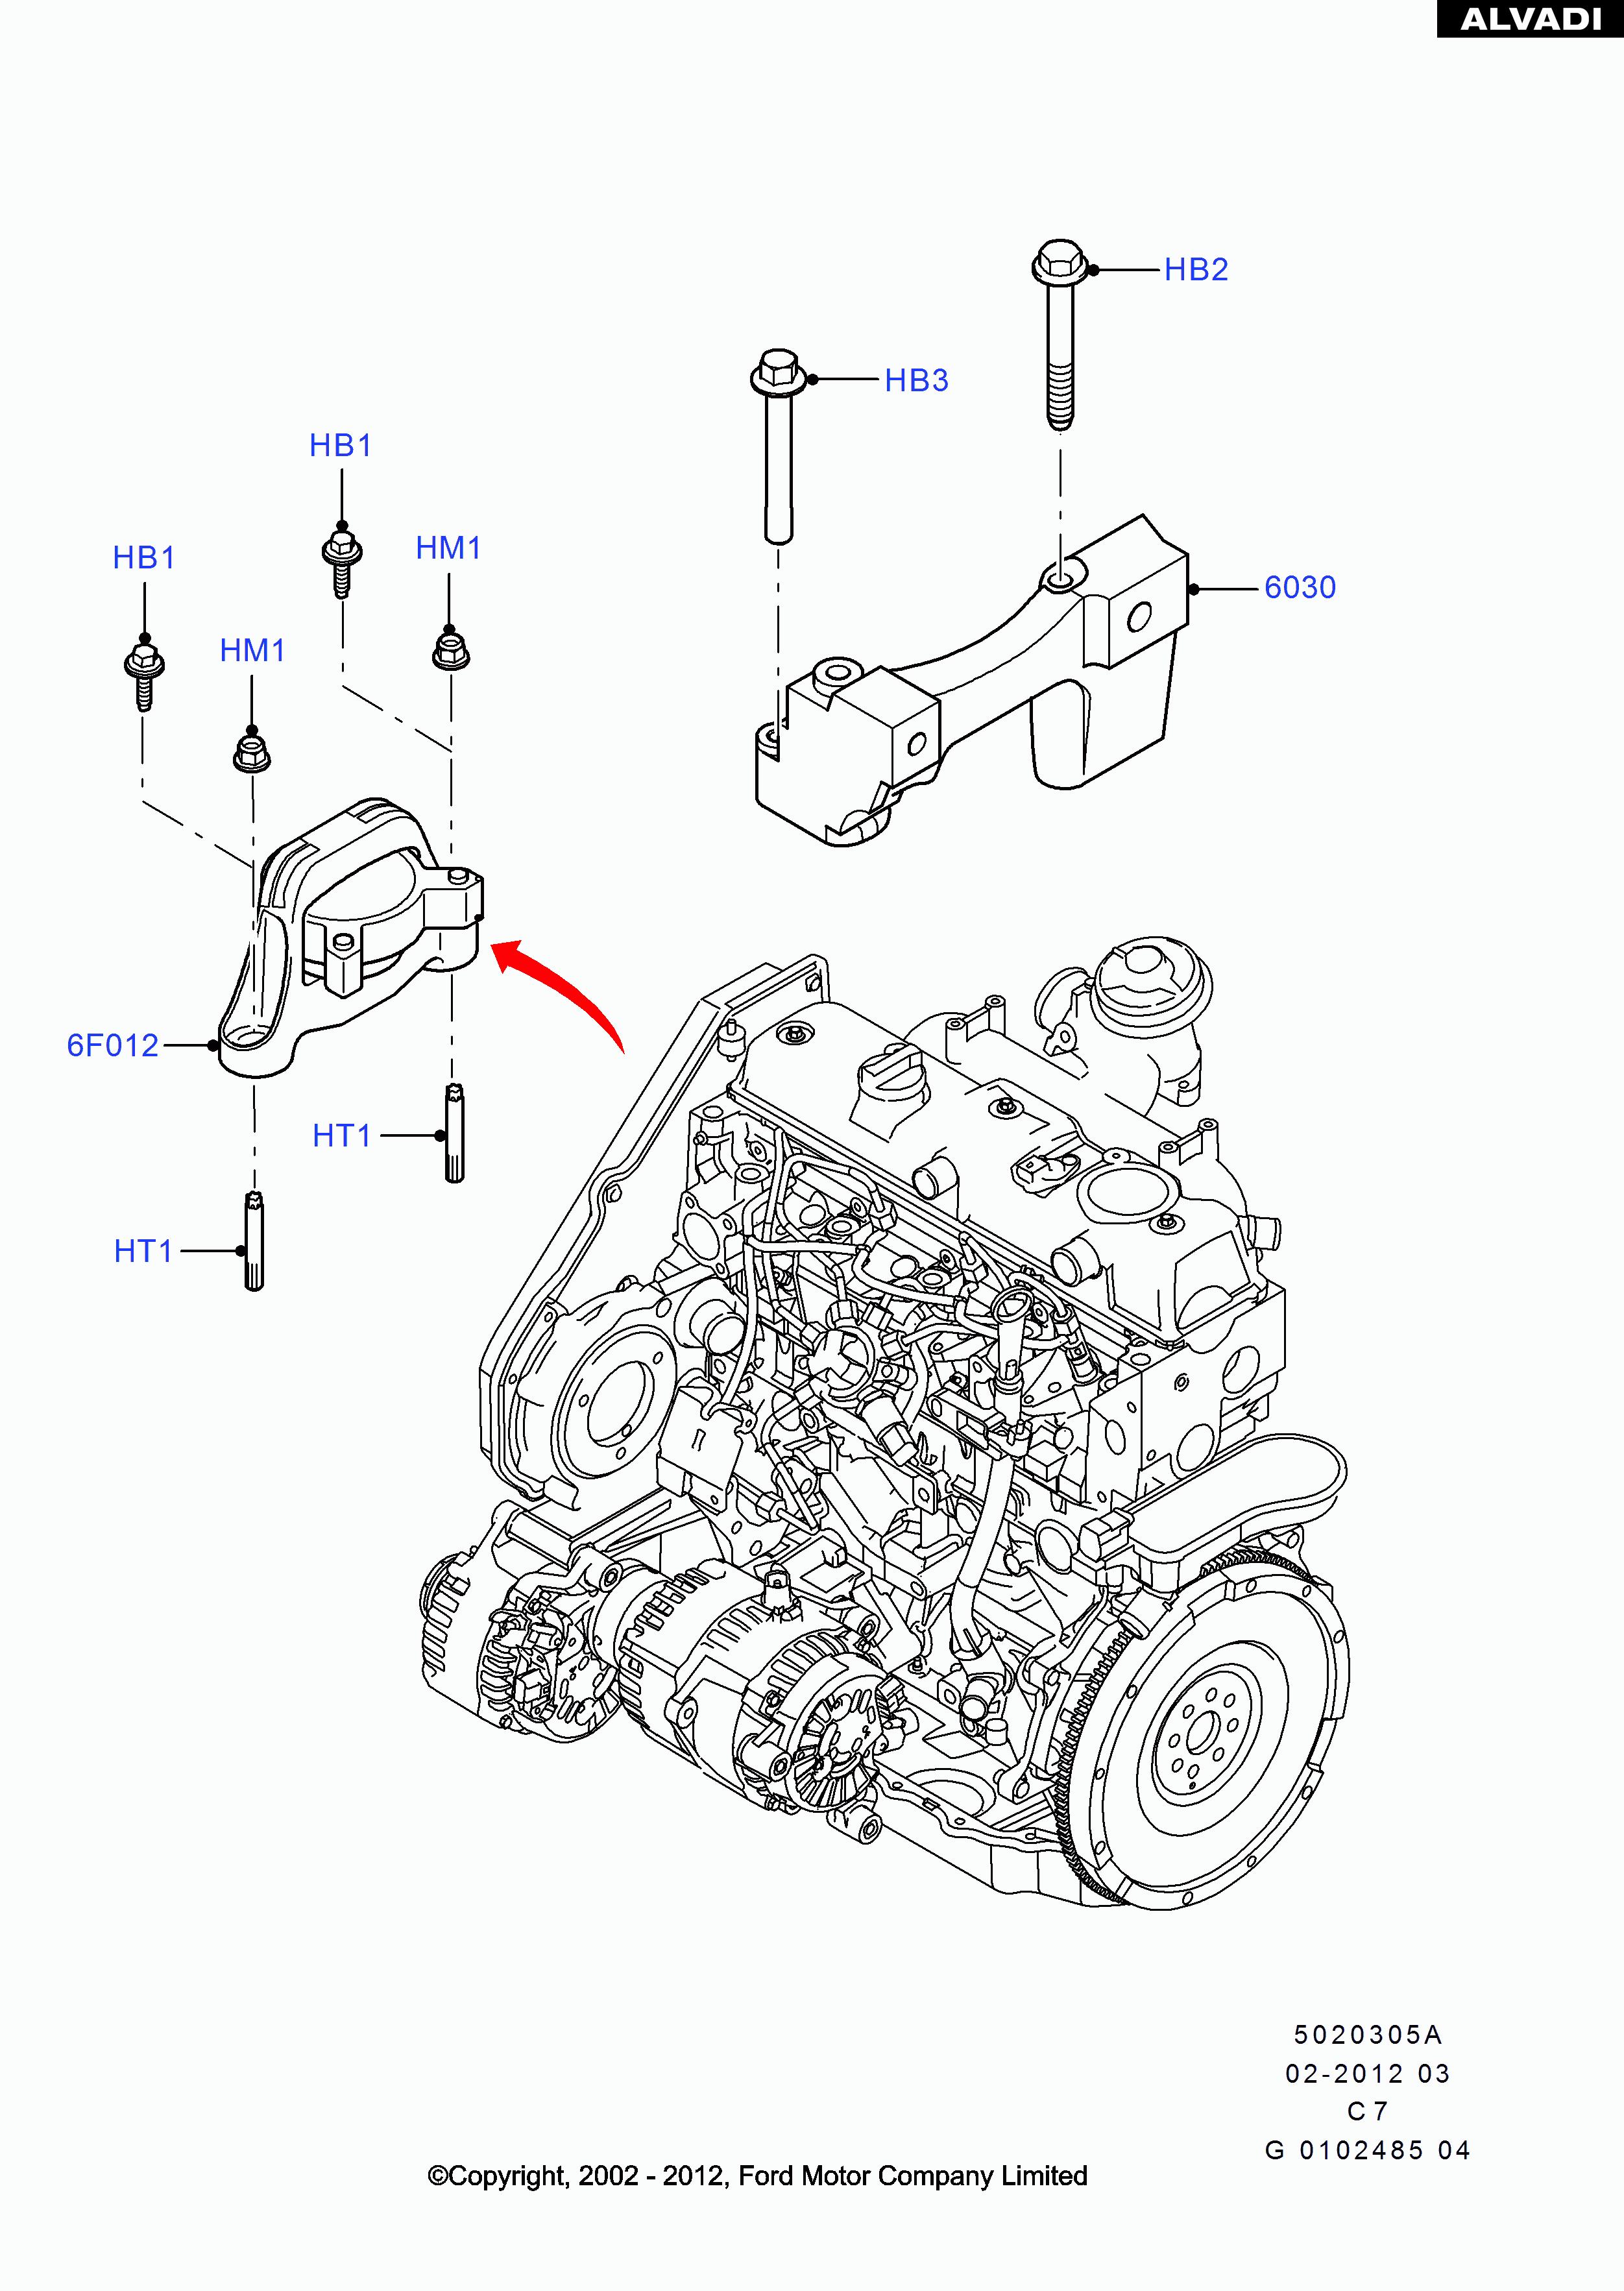 f250 engine mounting diagram -87 yamaha warrior wiring diagram | begeboy  wiring diagram source  begeboy wiring diagram source